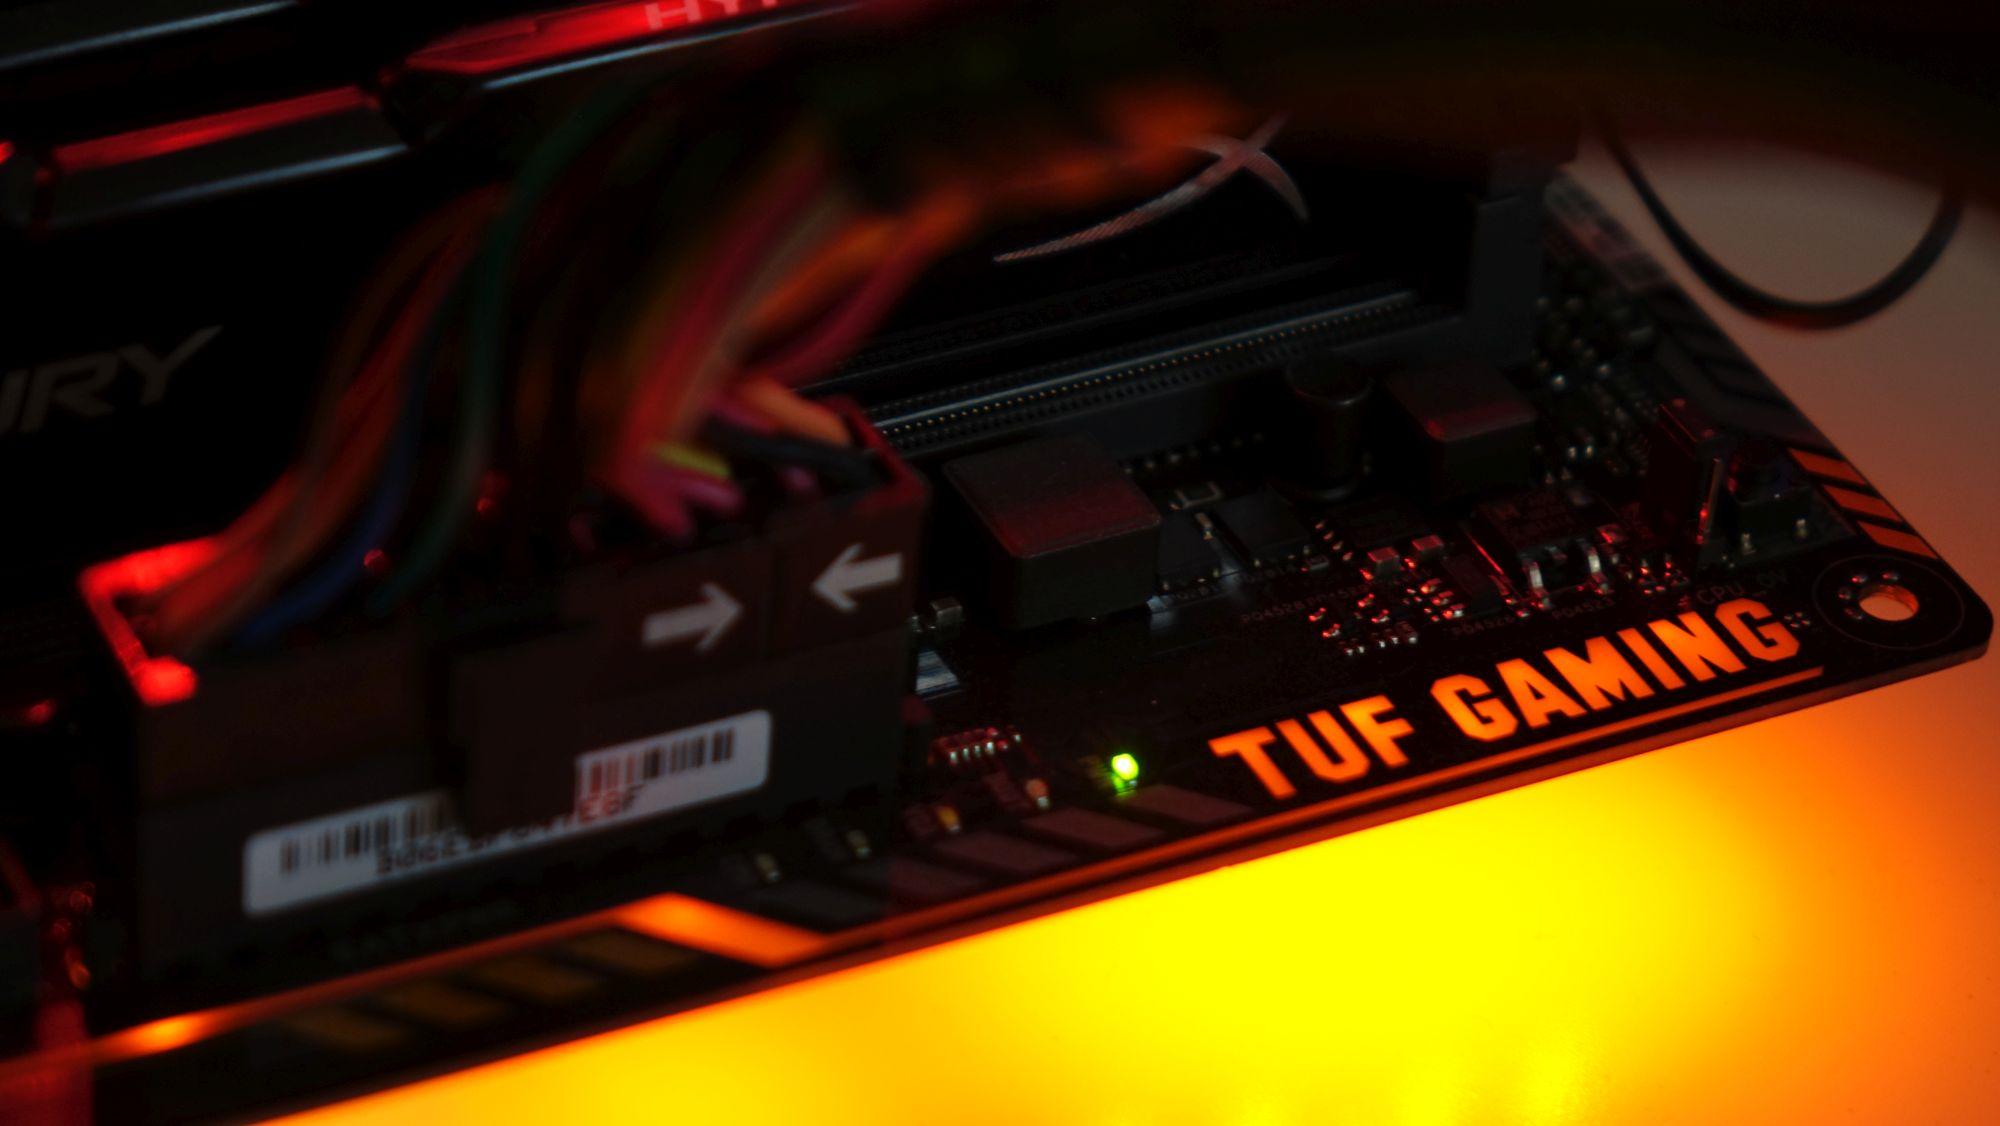 ASUS TUF Z370-Pro Gaming лого